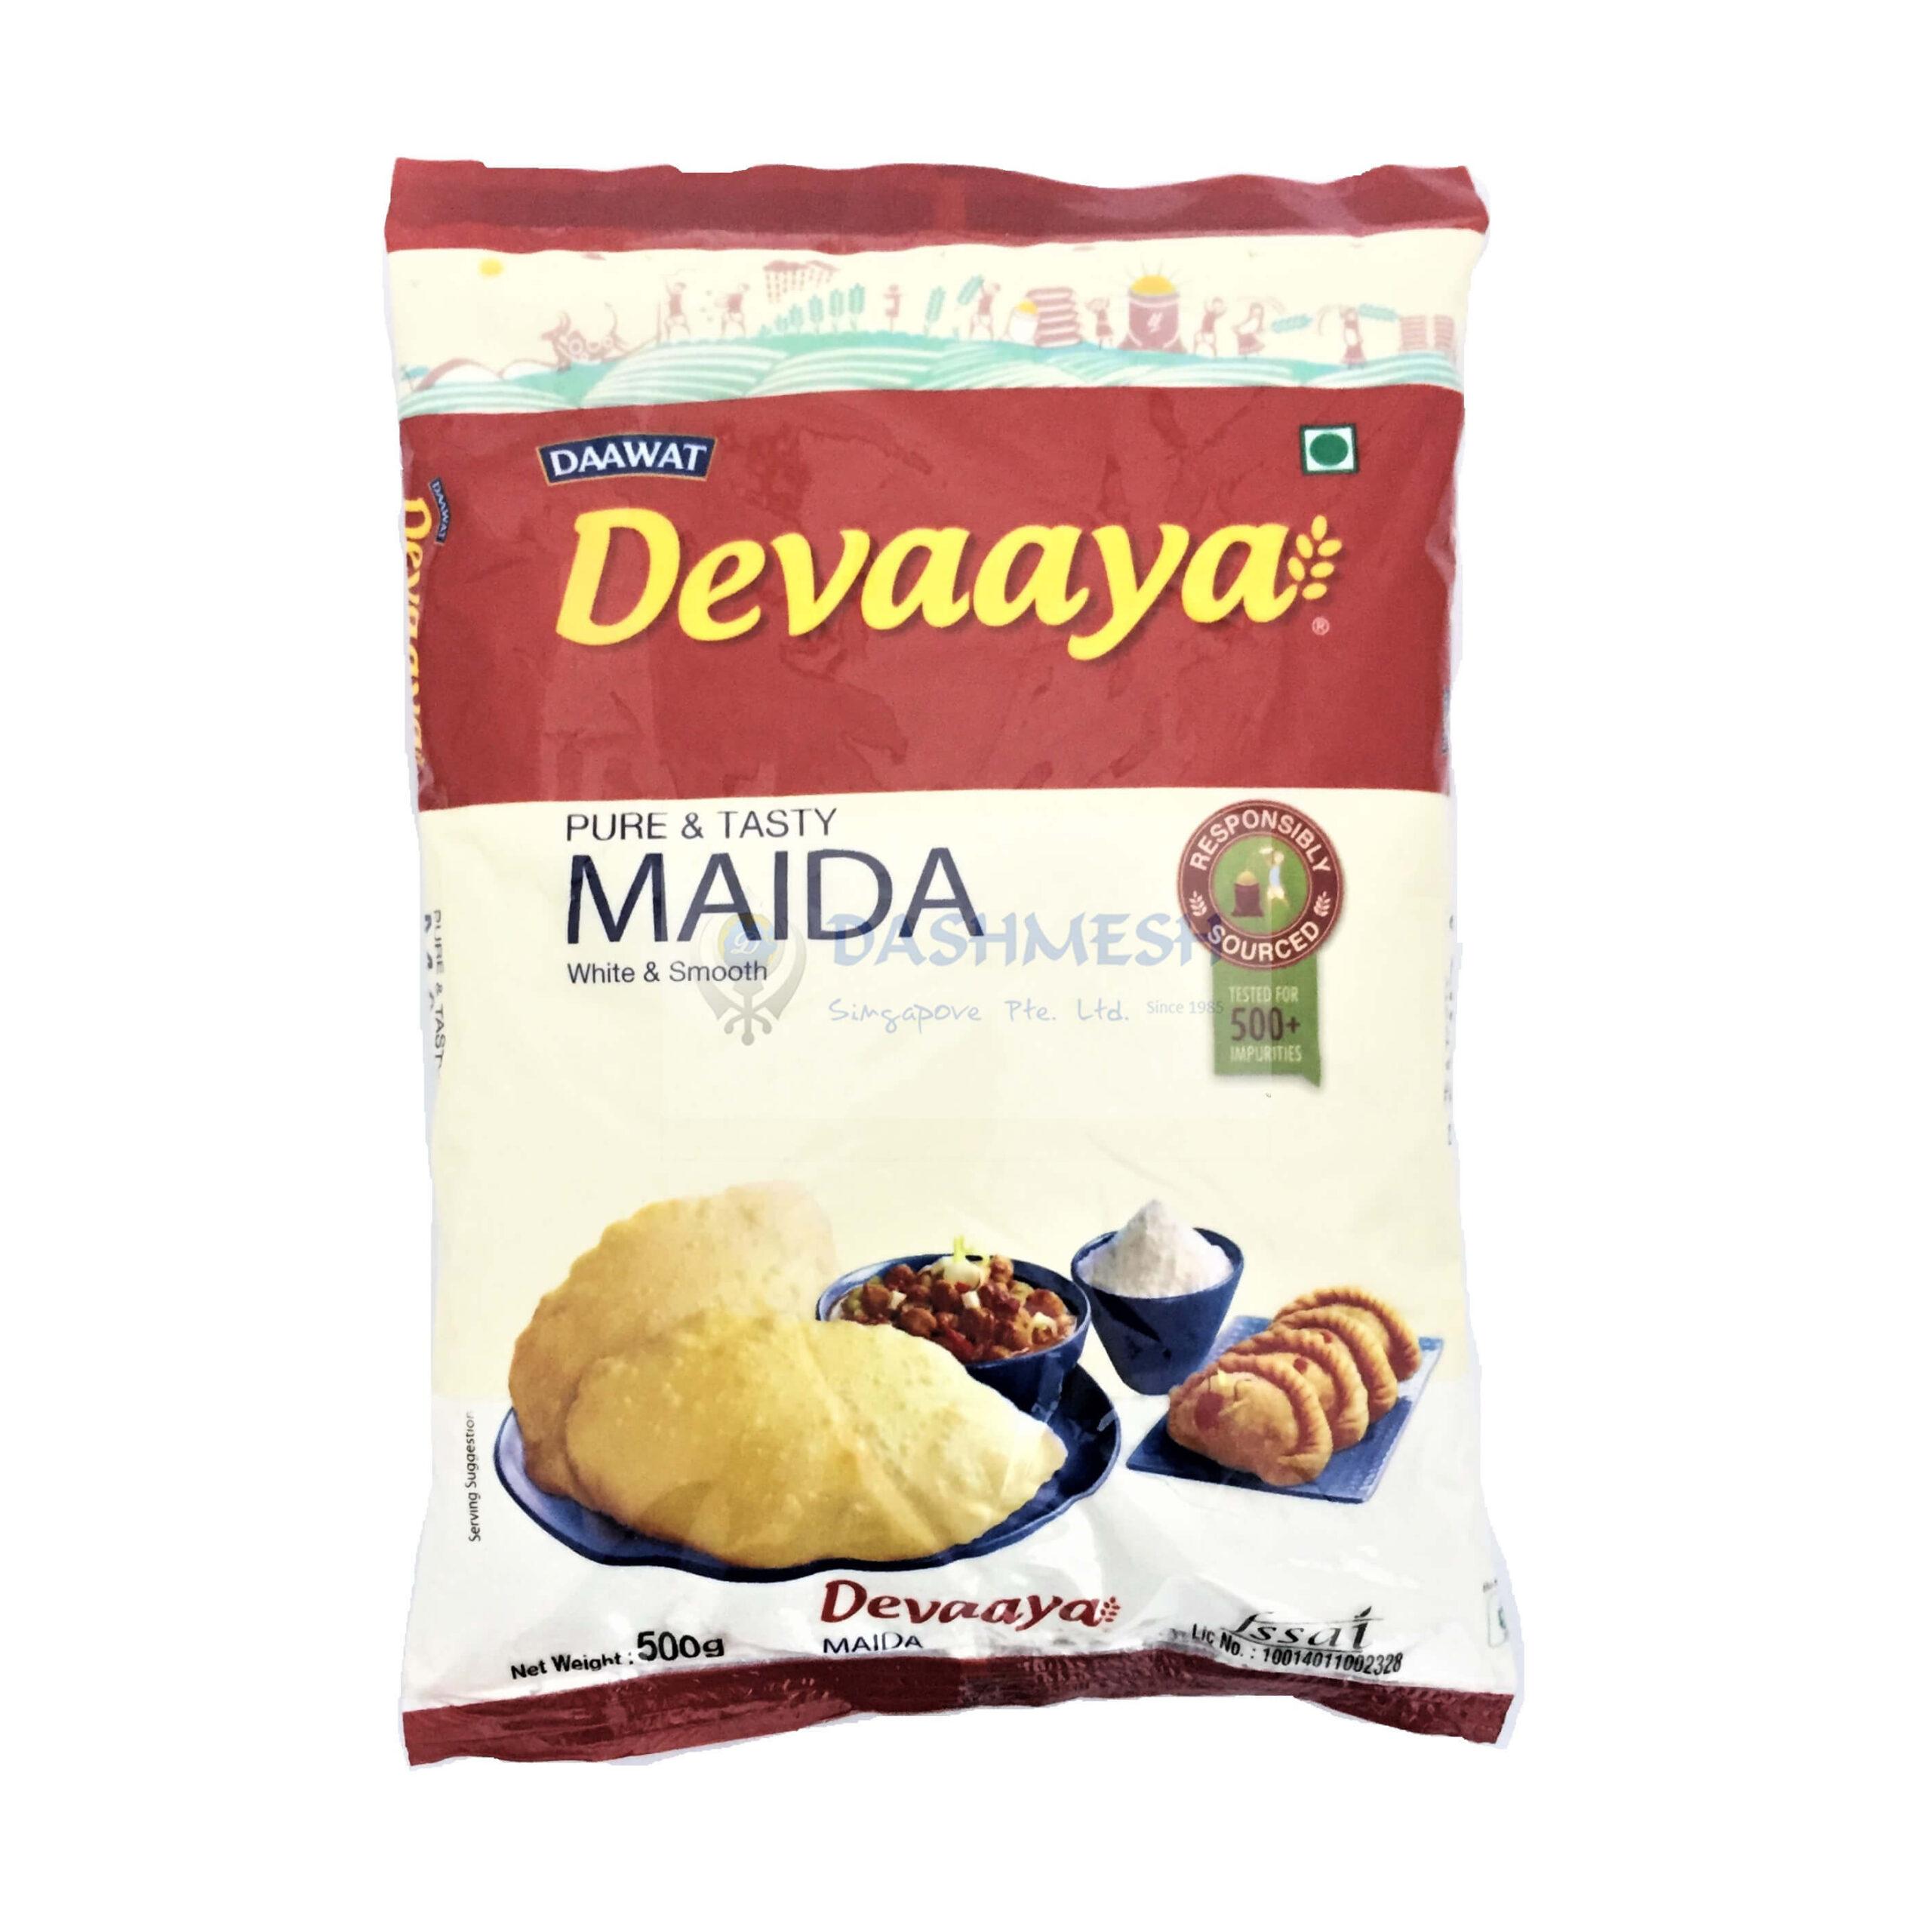 Devaaya Maida 500g